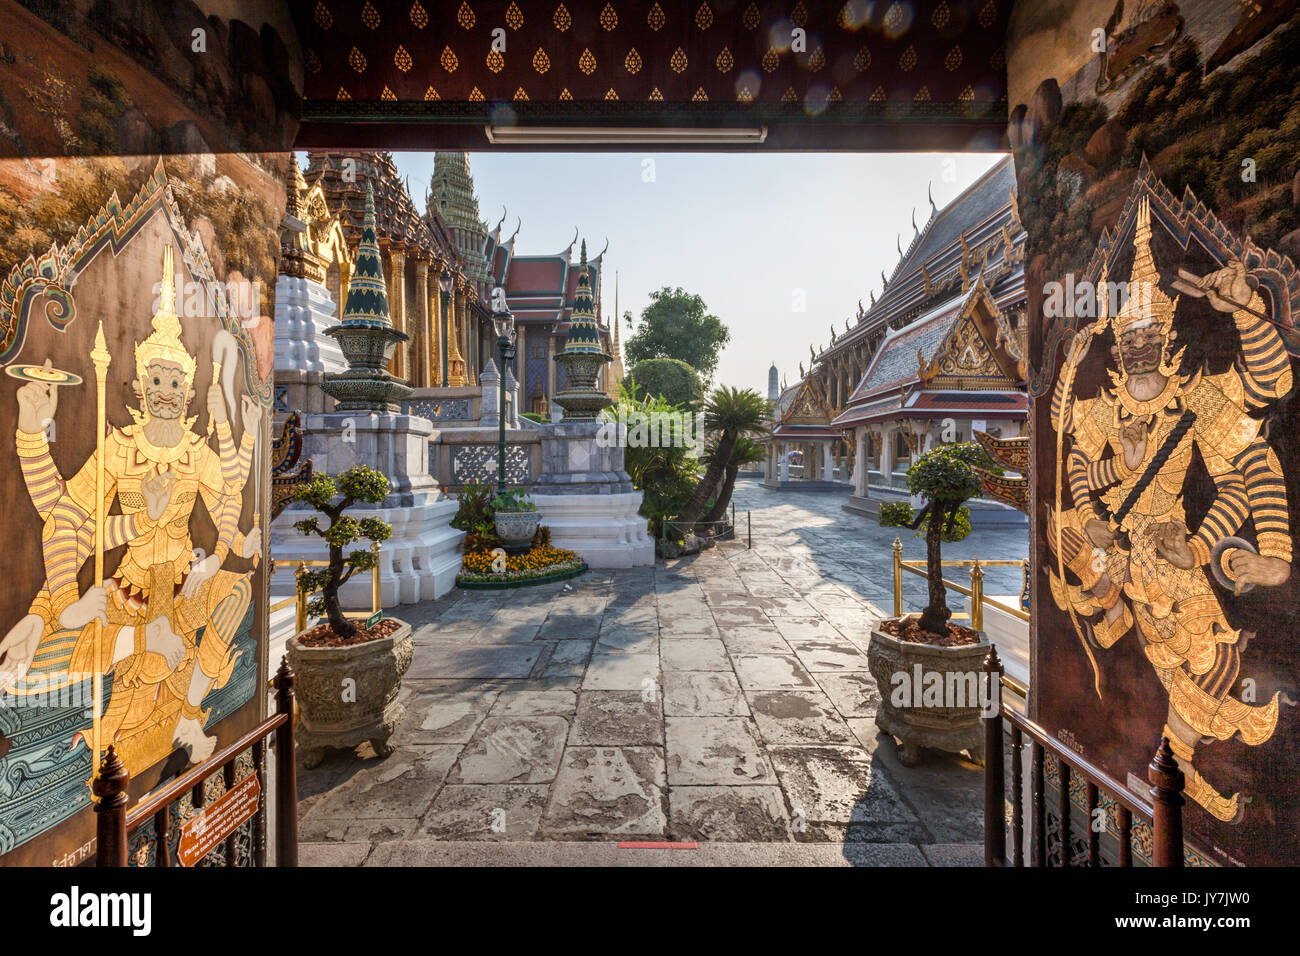 Porte d'entrée ouvragée avec décoration d'or de Wat Phra Kaew Temple du Bouddha d'Émeraude à l'intérieur du Grand Banque D'Images